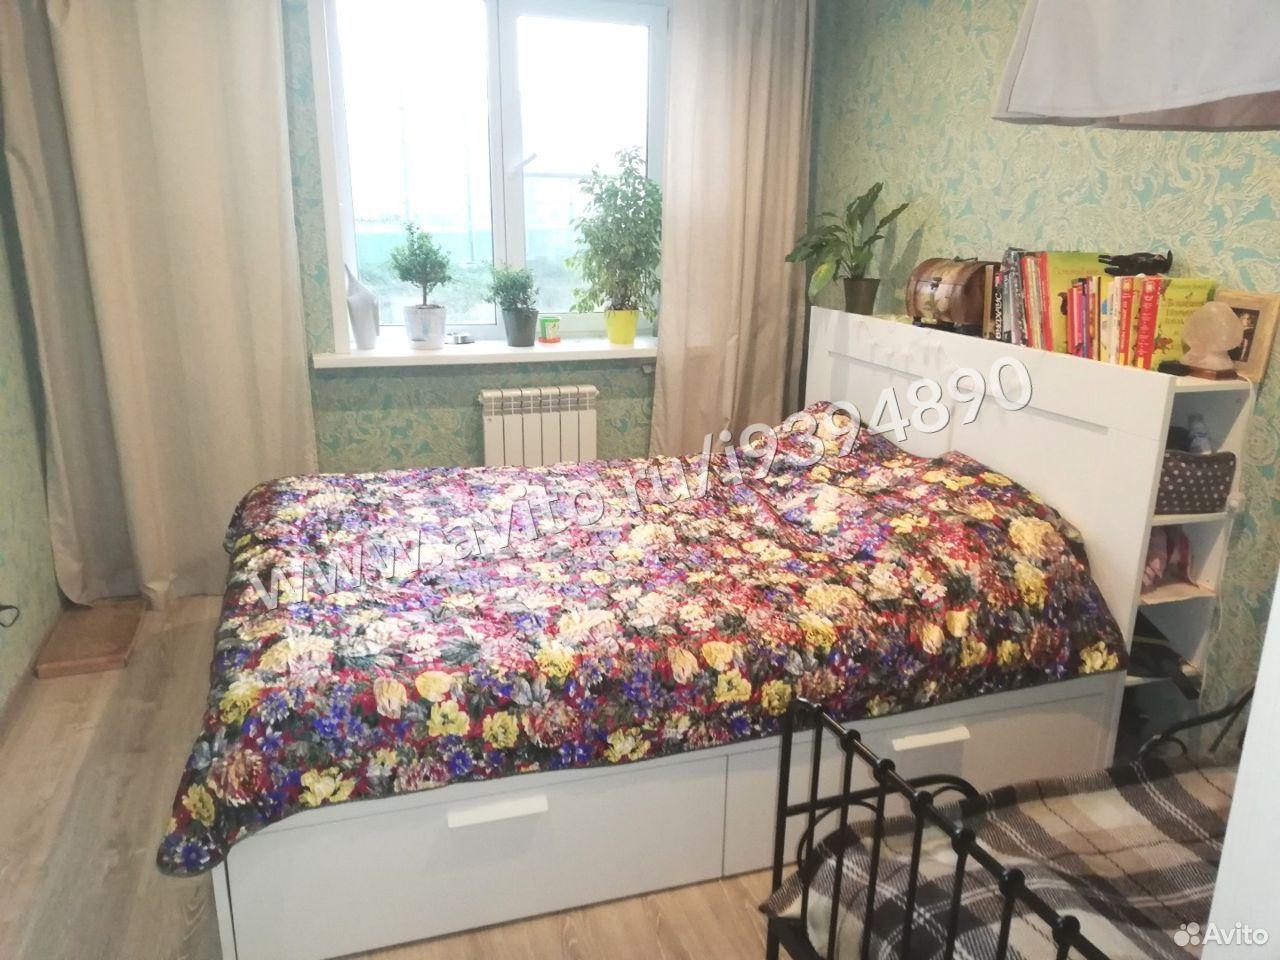 2-к квартира, 50.3 м², 1/3 эт.  89533303047 купить 6